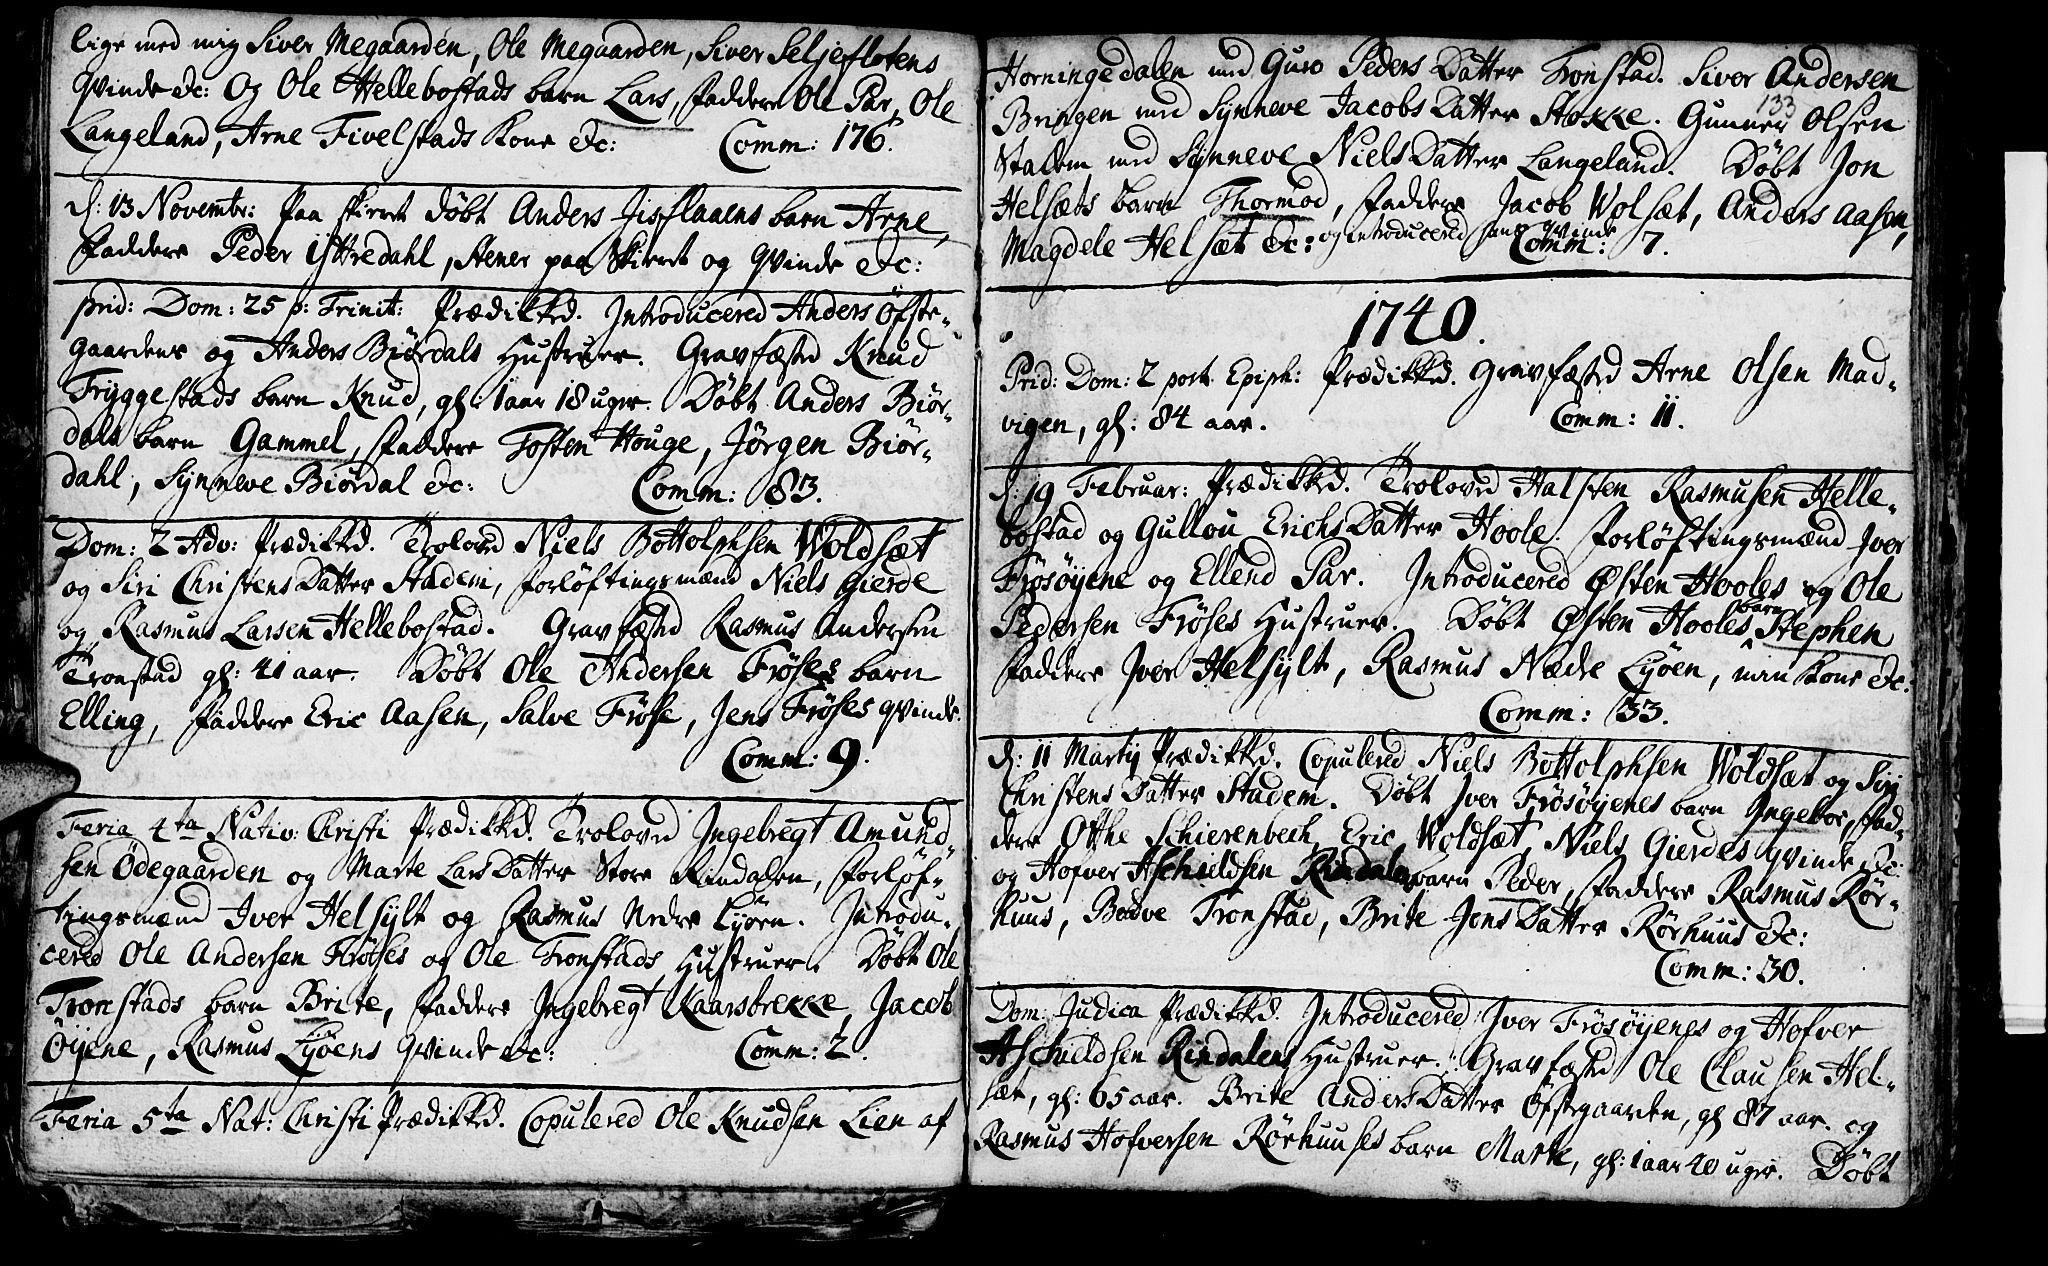 SAT, Ministerialprotokoller, klokkerbøker og fødselsregistre - Møre og Romsdal, 519/L0241: Ministerialbok nr. 519A01 /2, 1736-1760, s. 133